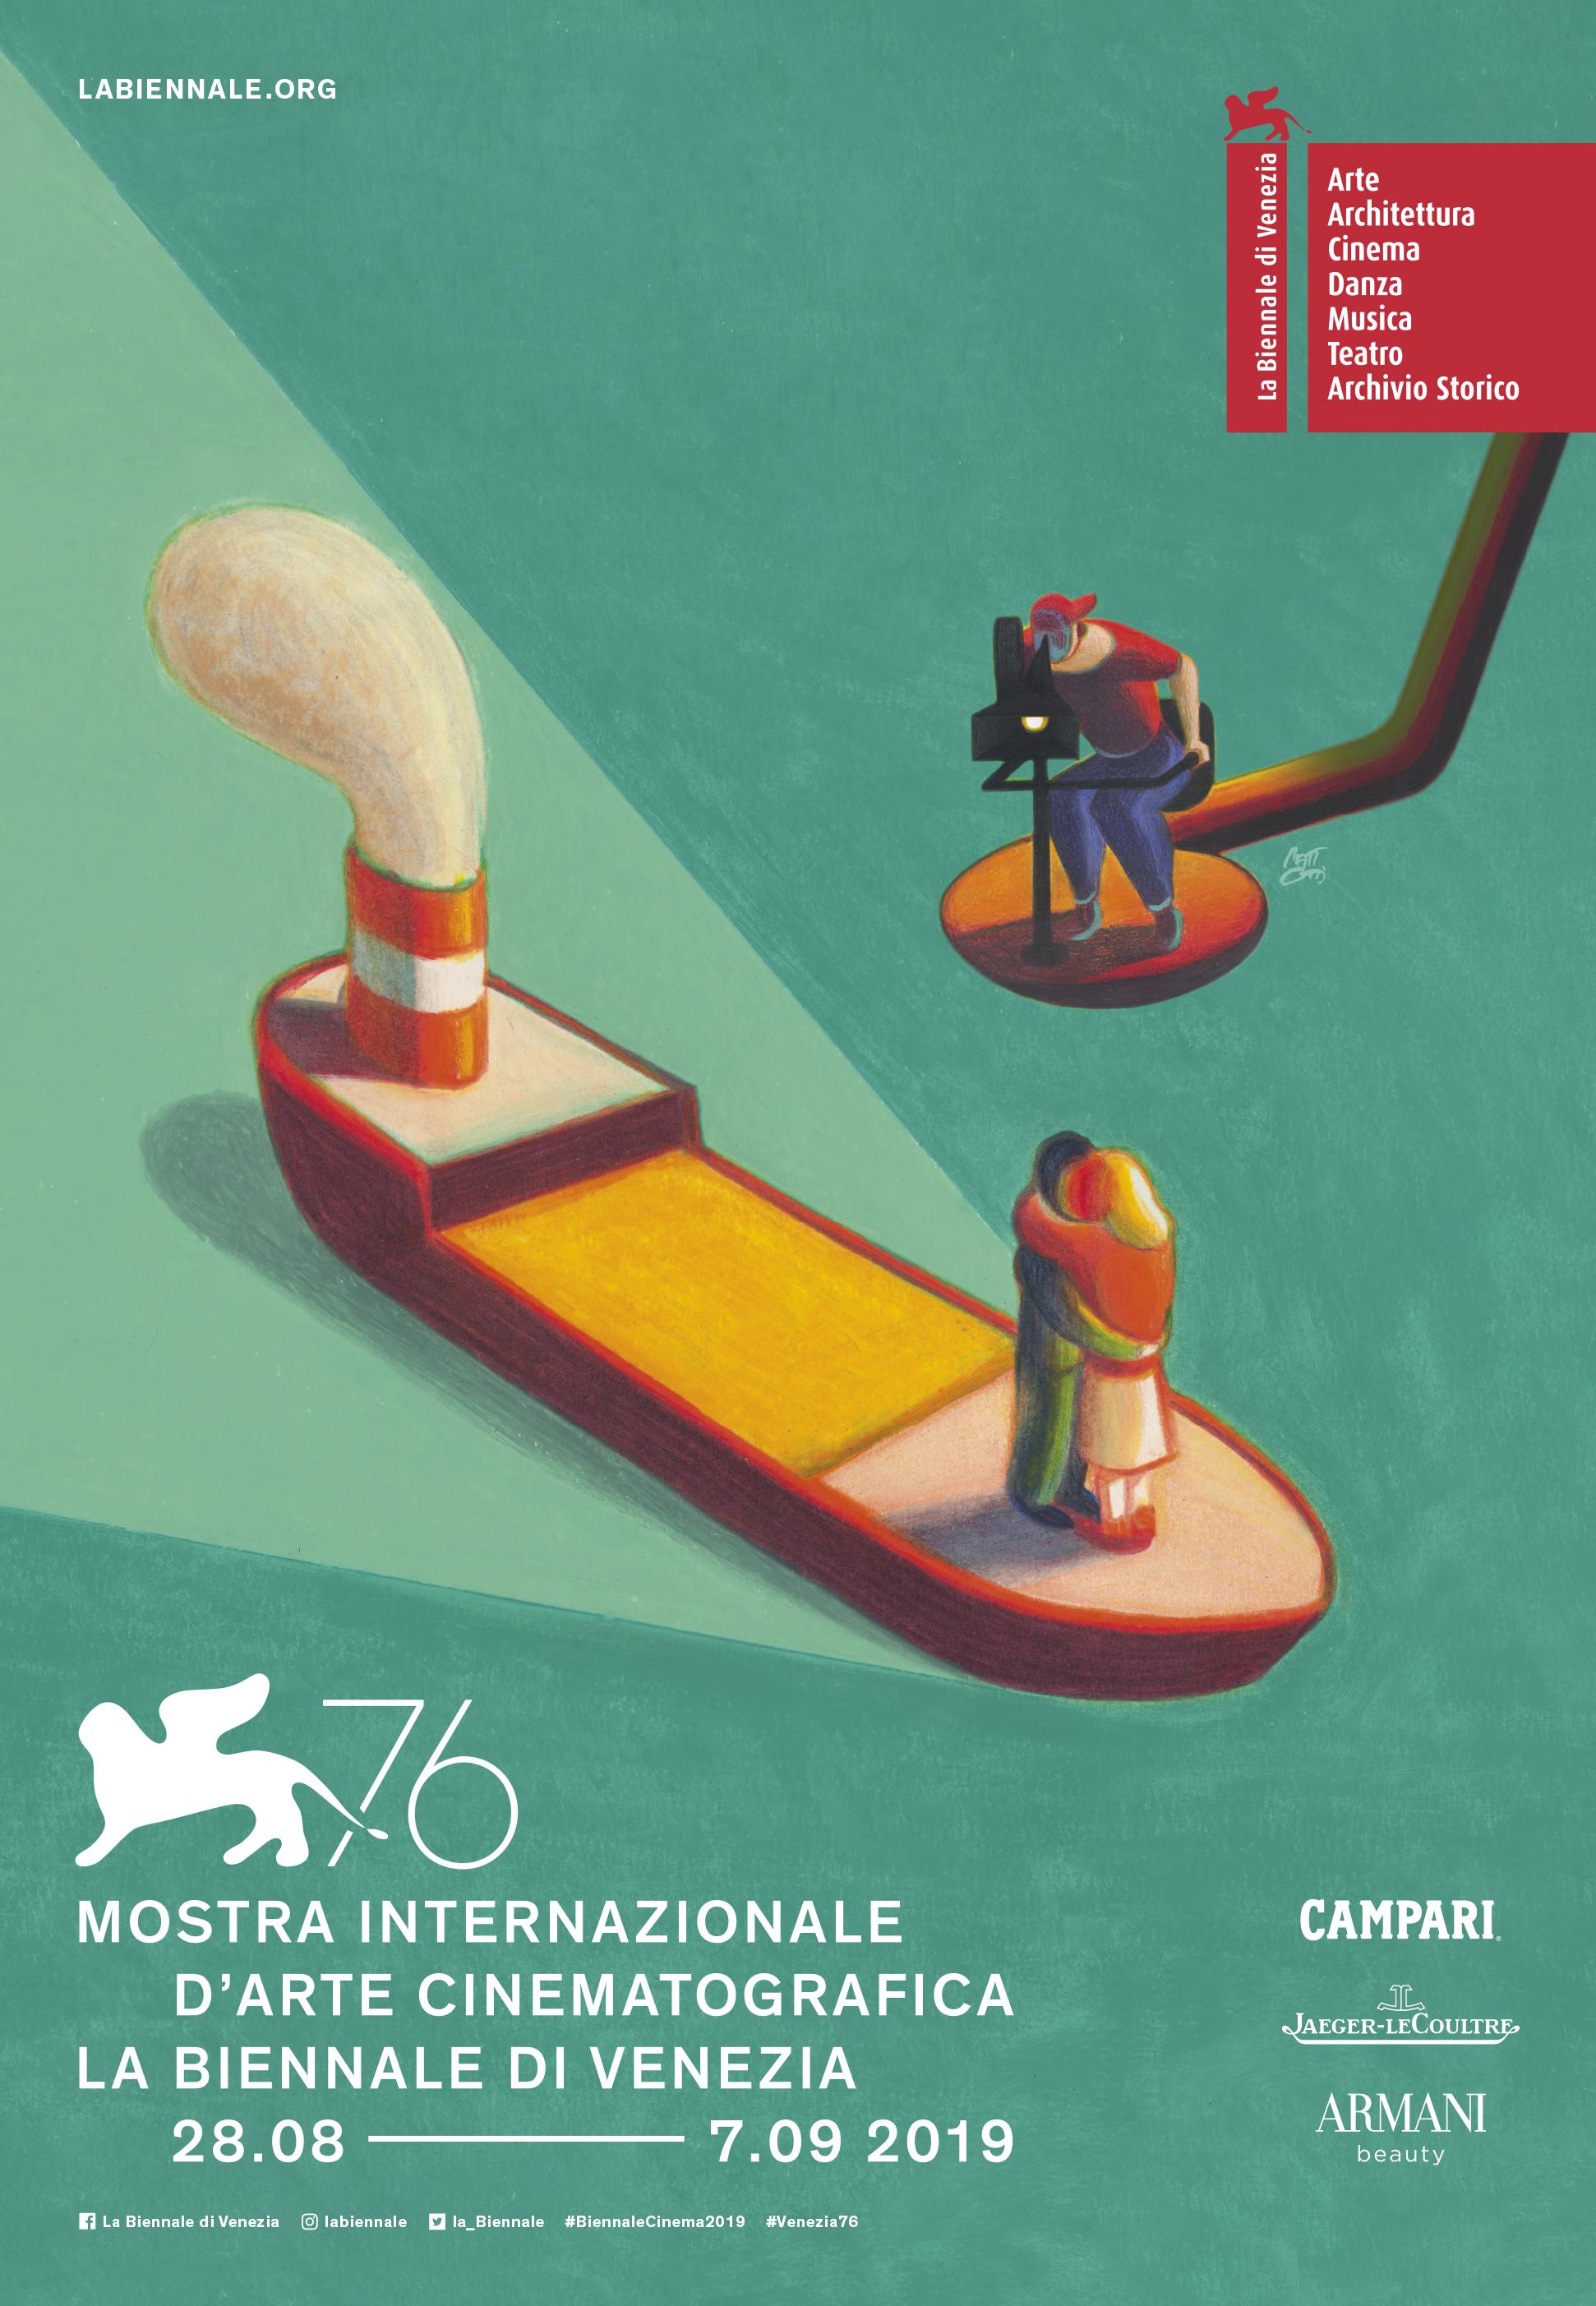 76. Mostra Internazionale d'Arte Cinematografica, leone d'oro alla carriera a Almodóvar